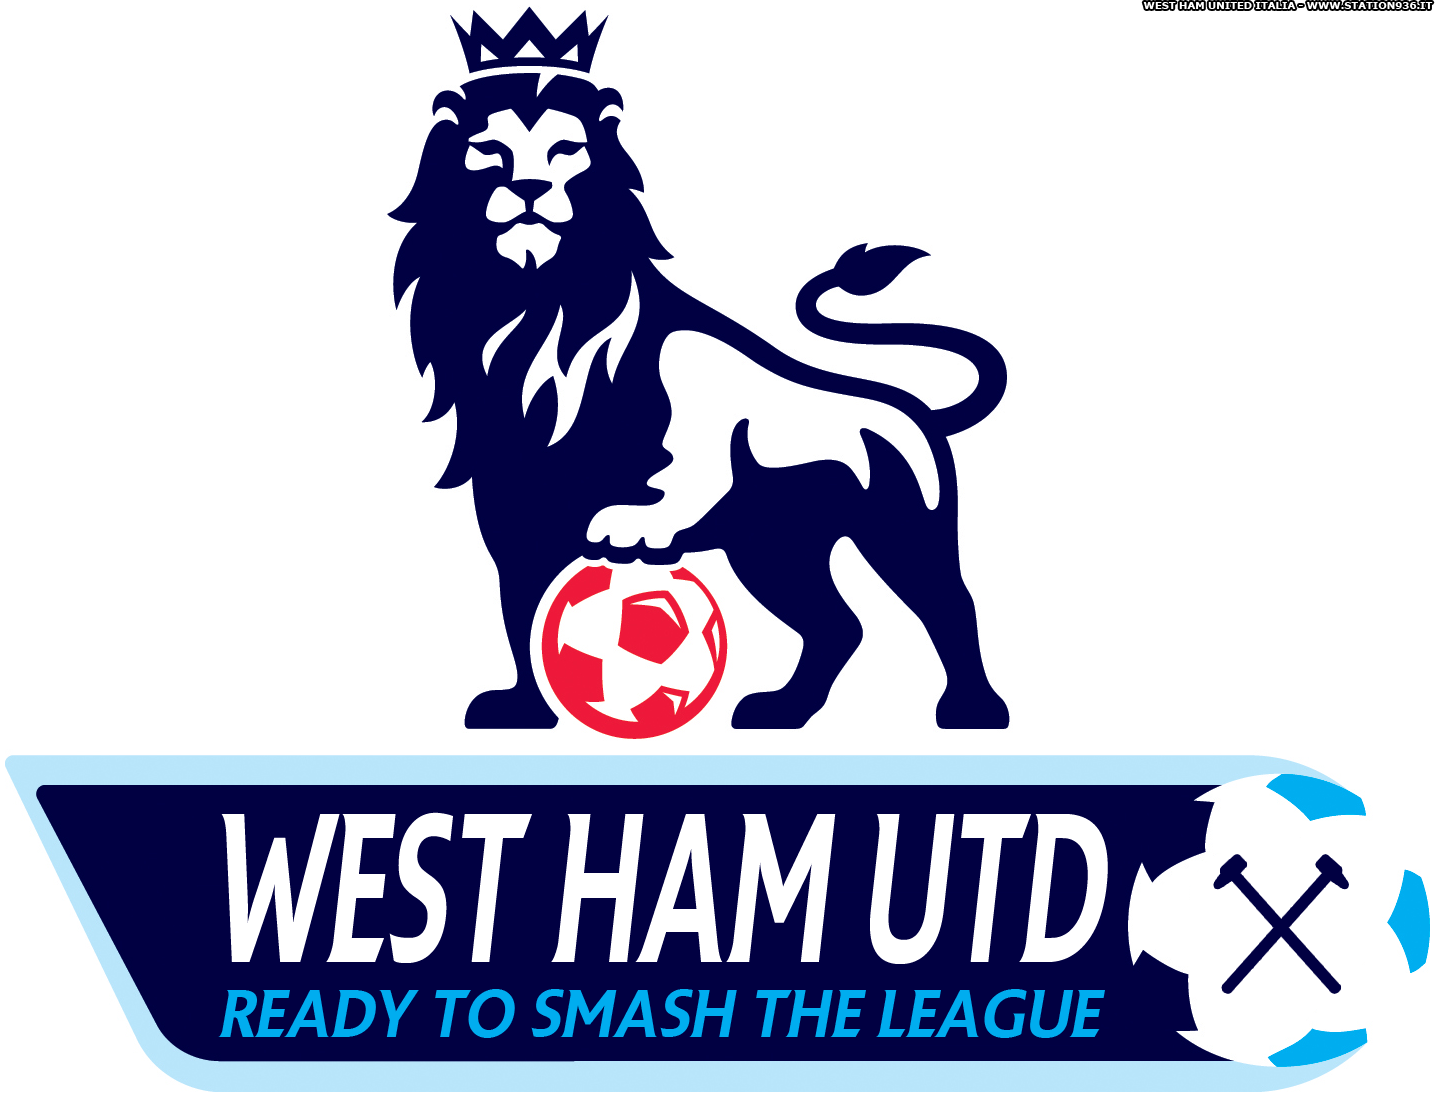 Logo della Premier League modificato per celebrare il ritorno del West Ham United